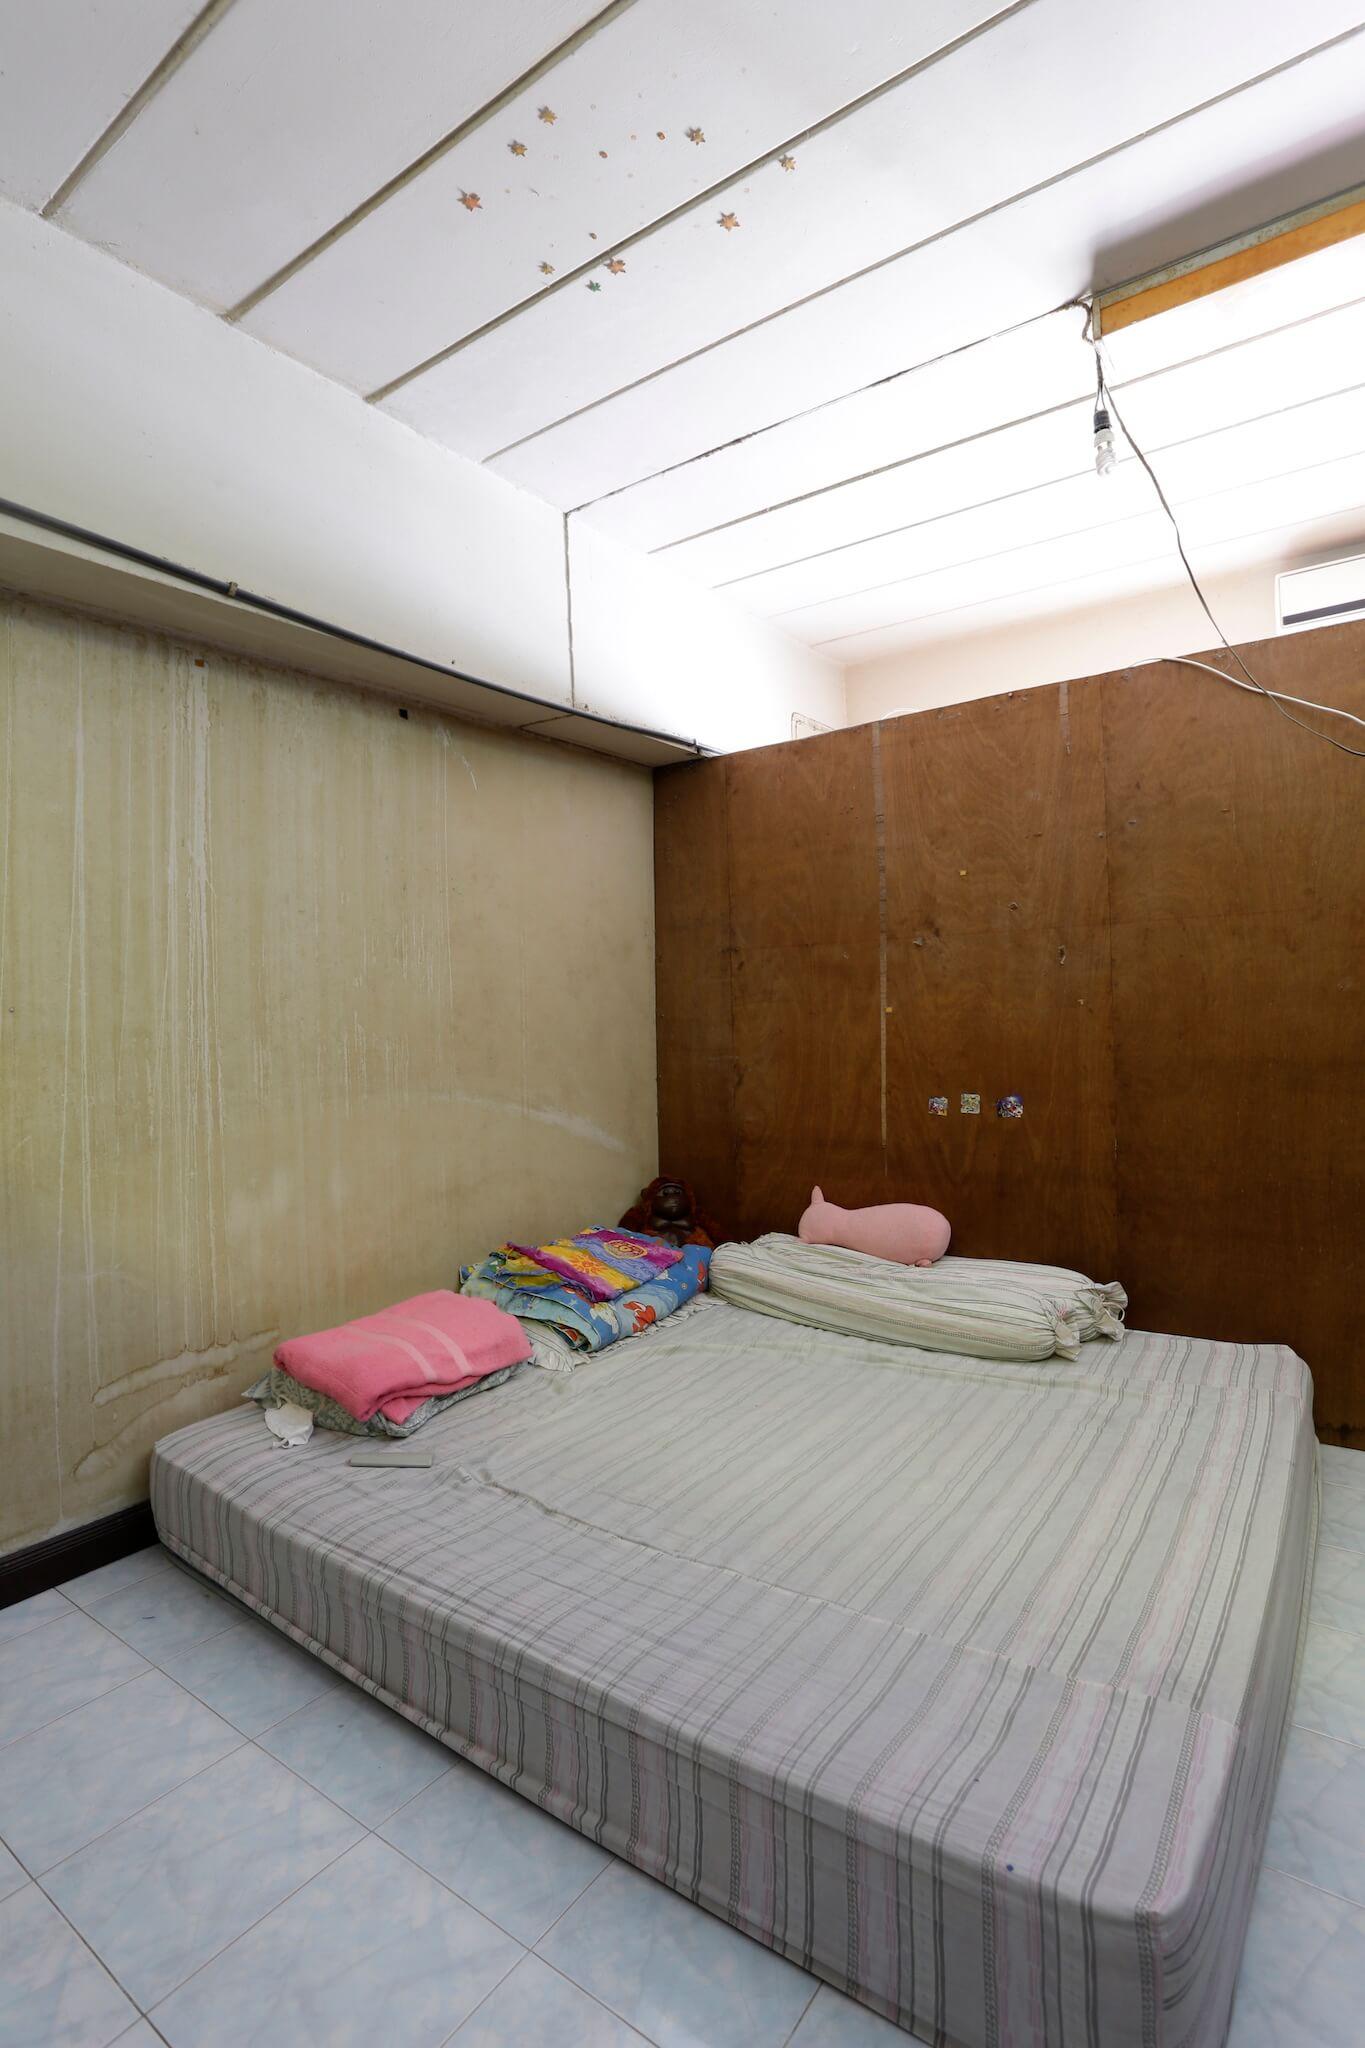 รีโนเวทบ้าน แปลงคอนโดเก่าเป็นสไตล์ Loft และประตูสวยทนด้วยไฟเบอร์ซีเมนต์จาก Shera 16 - fiber cement wood